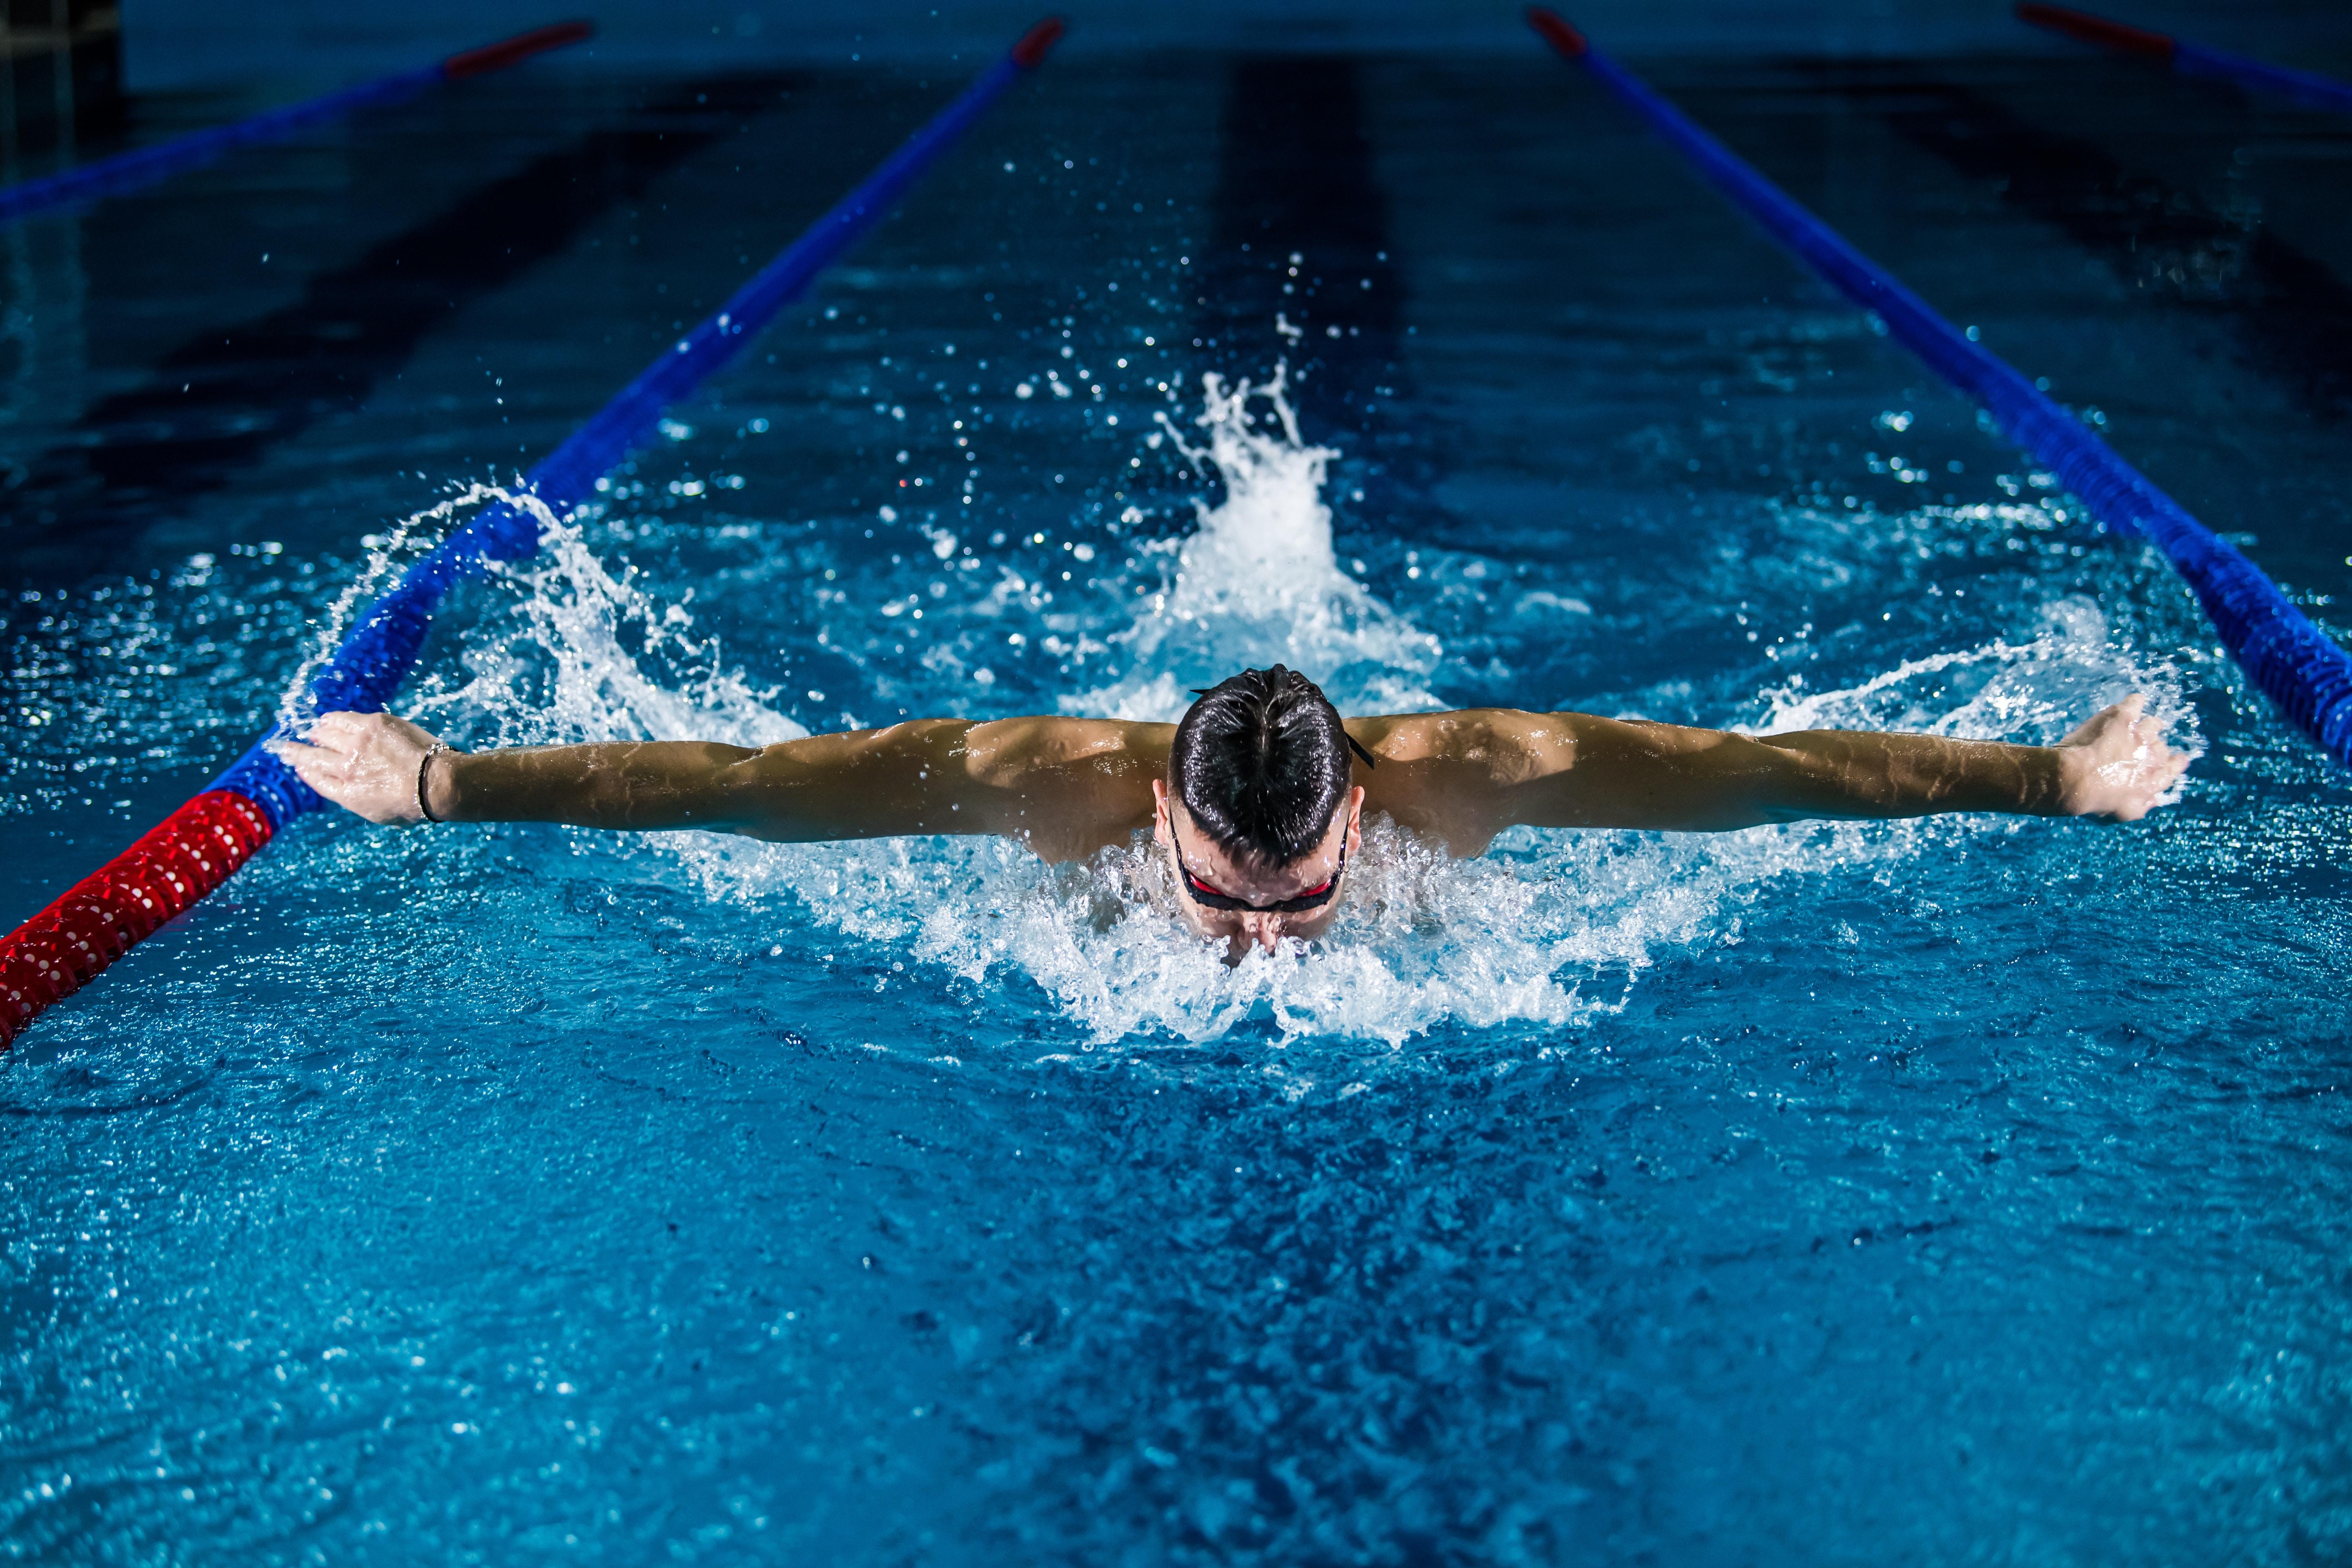 大内紗雪(水泳選手)のwiki風プロフ(身長・体重など) 父親の生後六か月からの特別な練習や出身高校は?インスタはやってる?